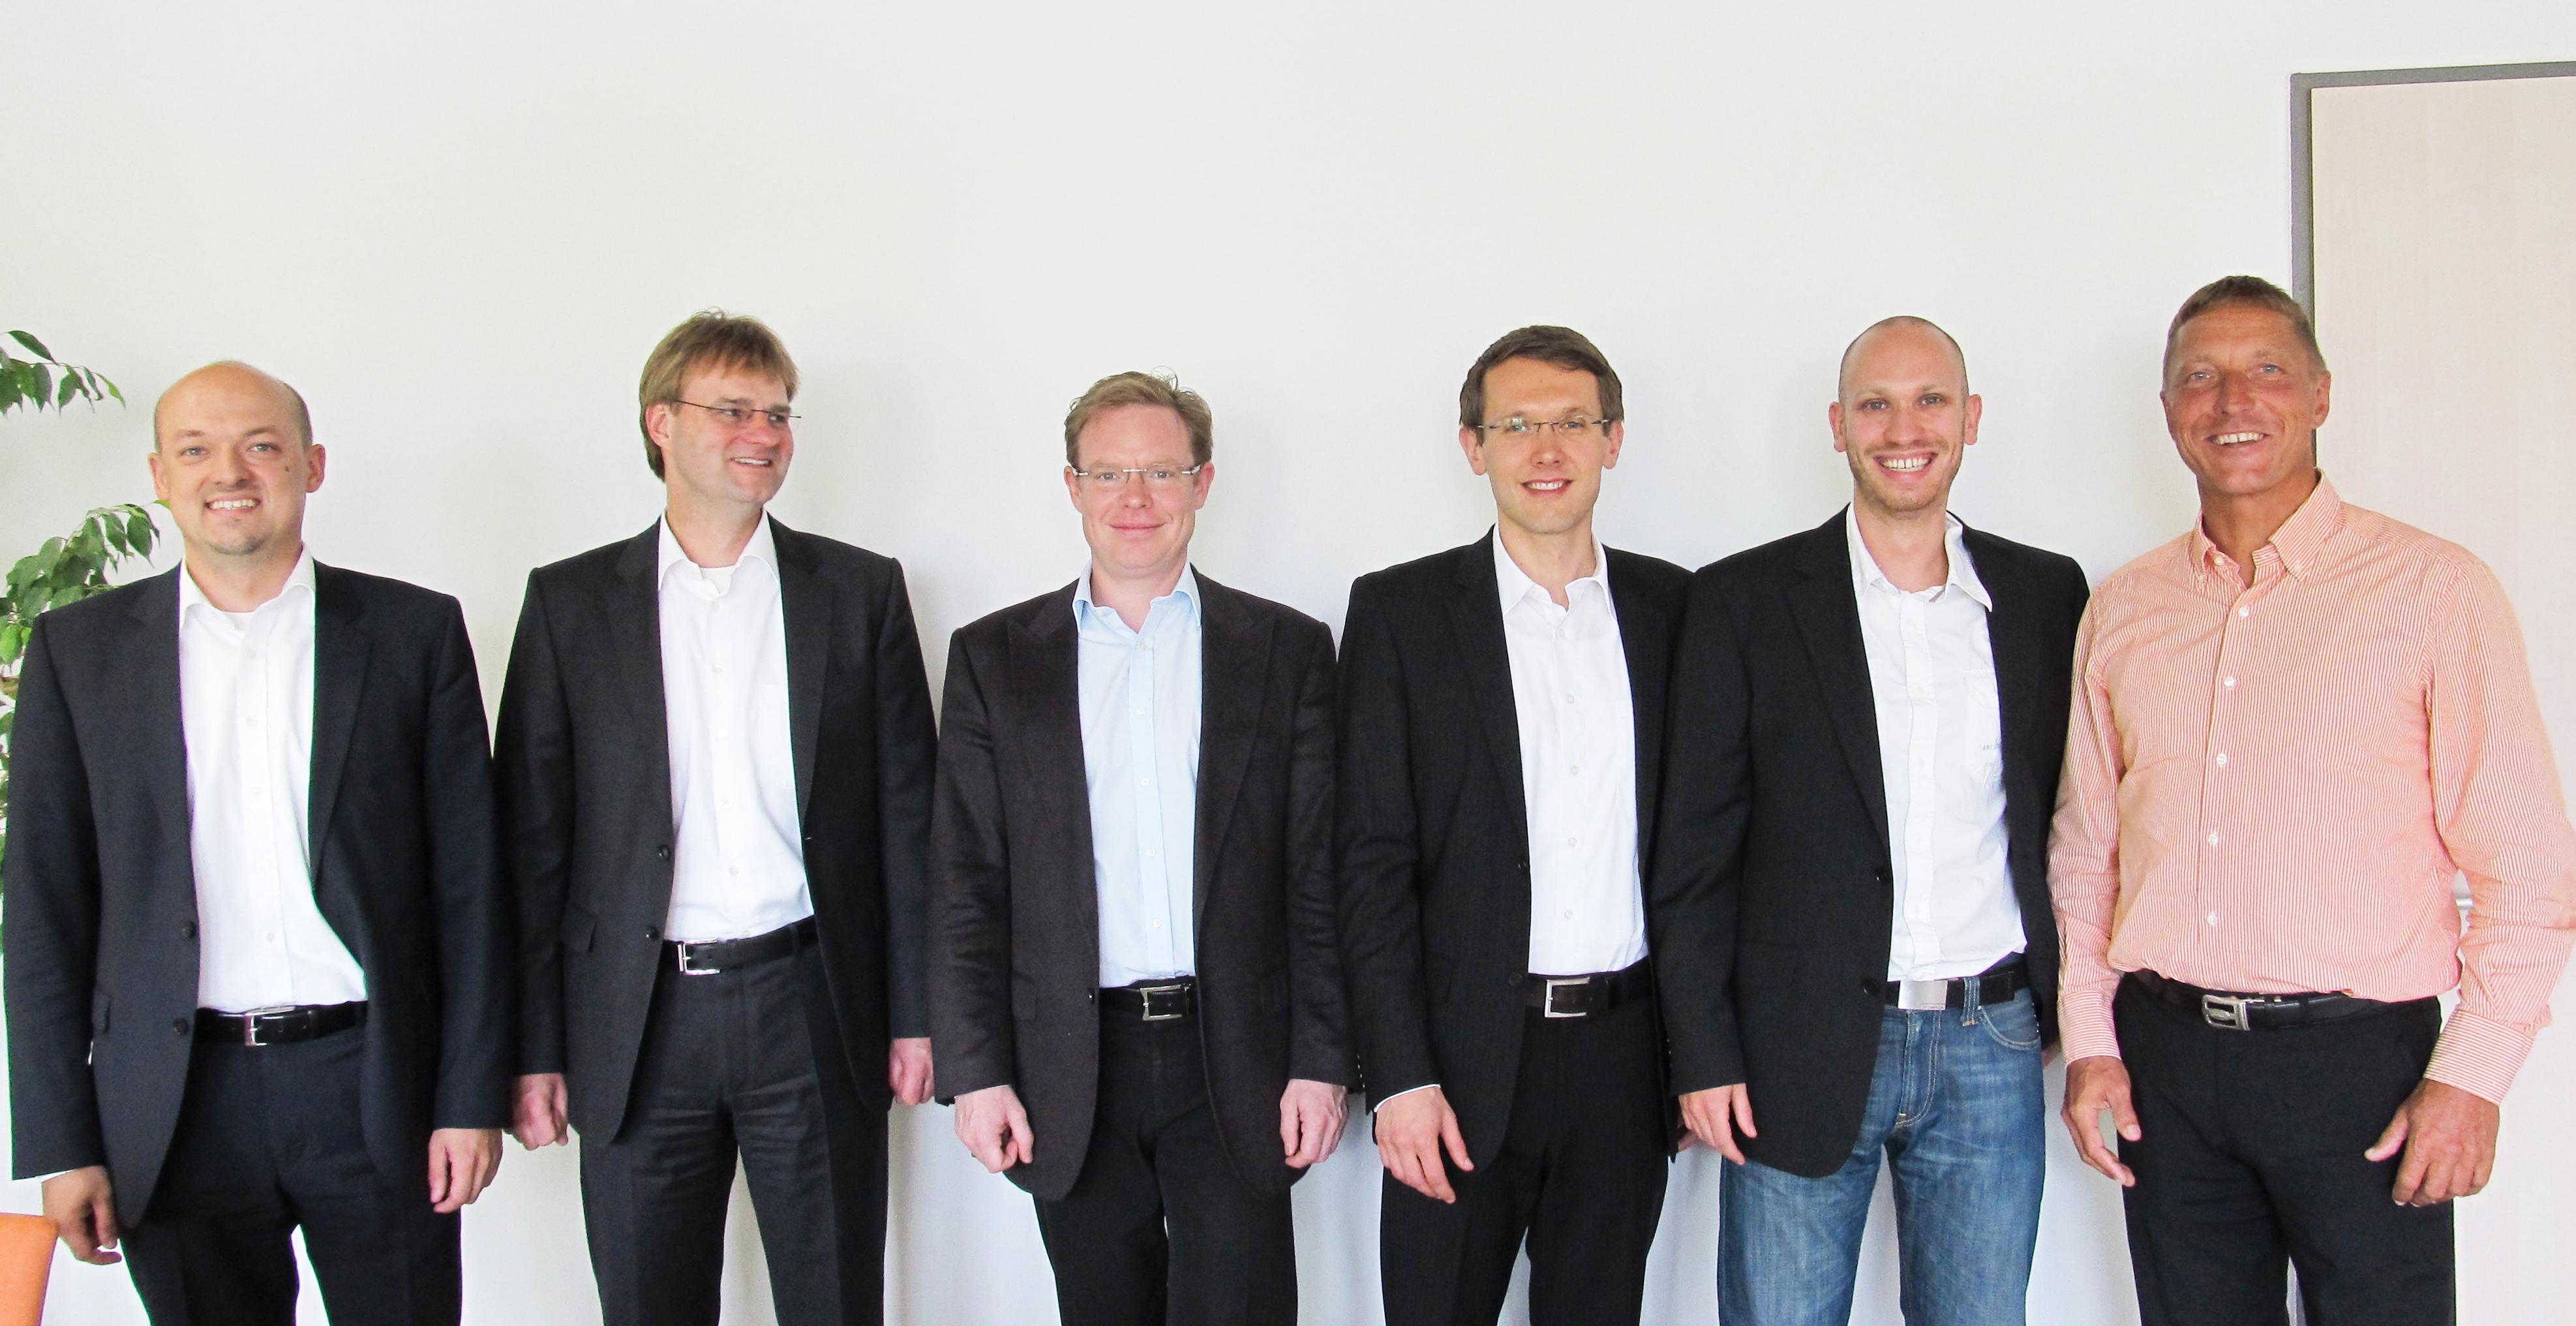 Bild Daniel Hübner, Stefan Friese, Stephan Schambach, Alexander Reschke, Dirk Ehrlich, Karsten Schneider